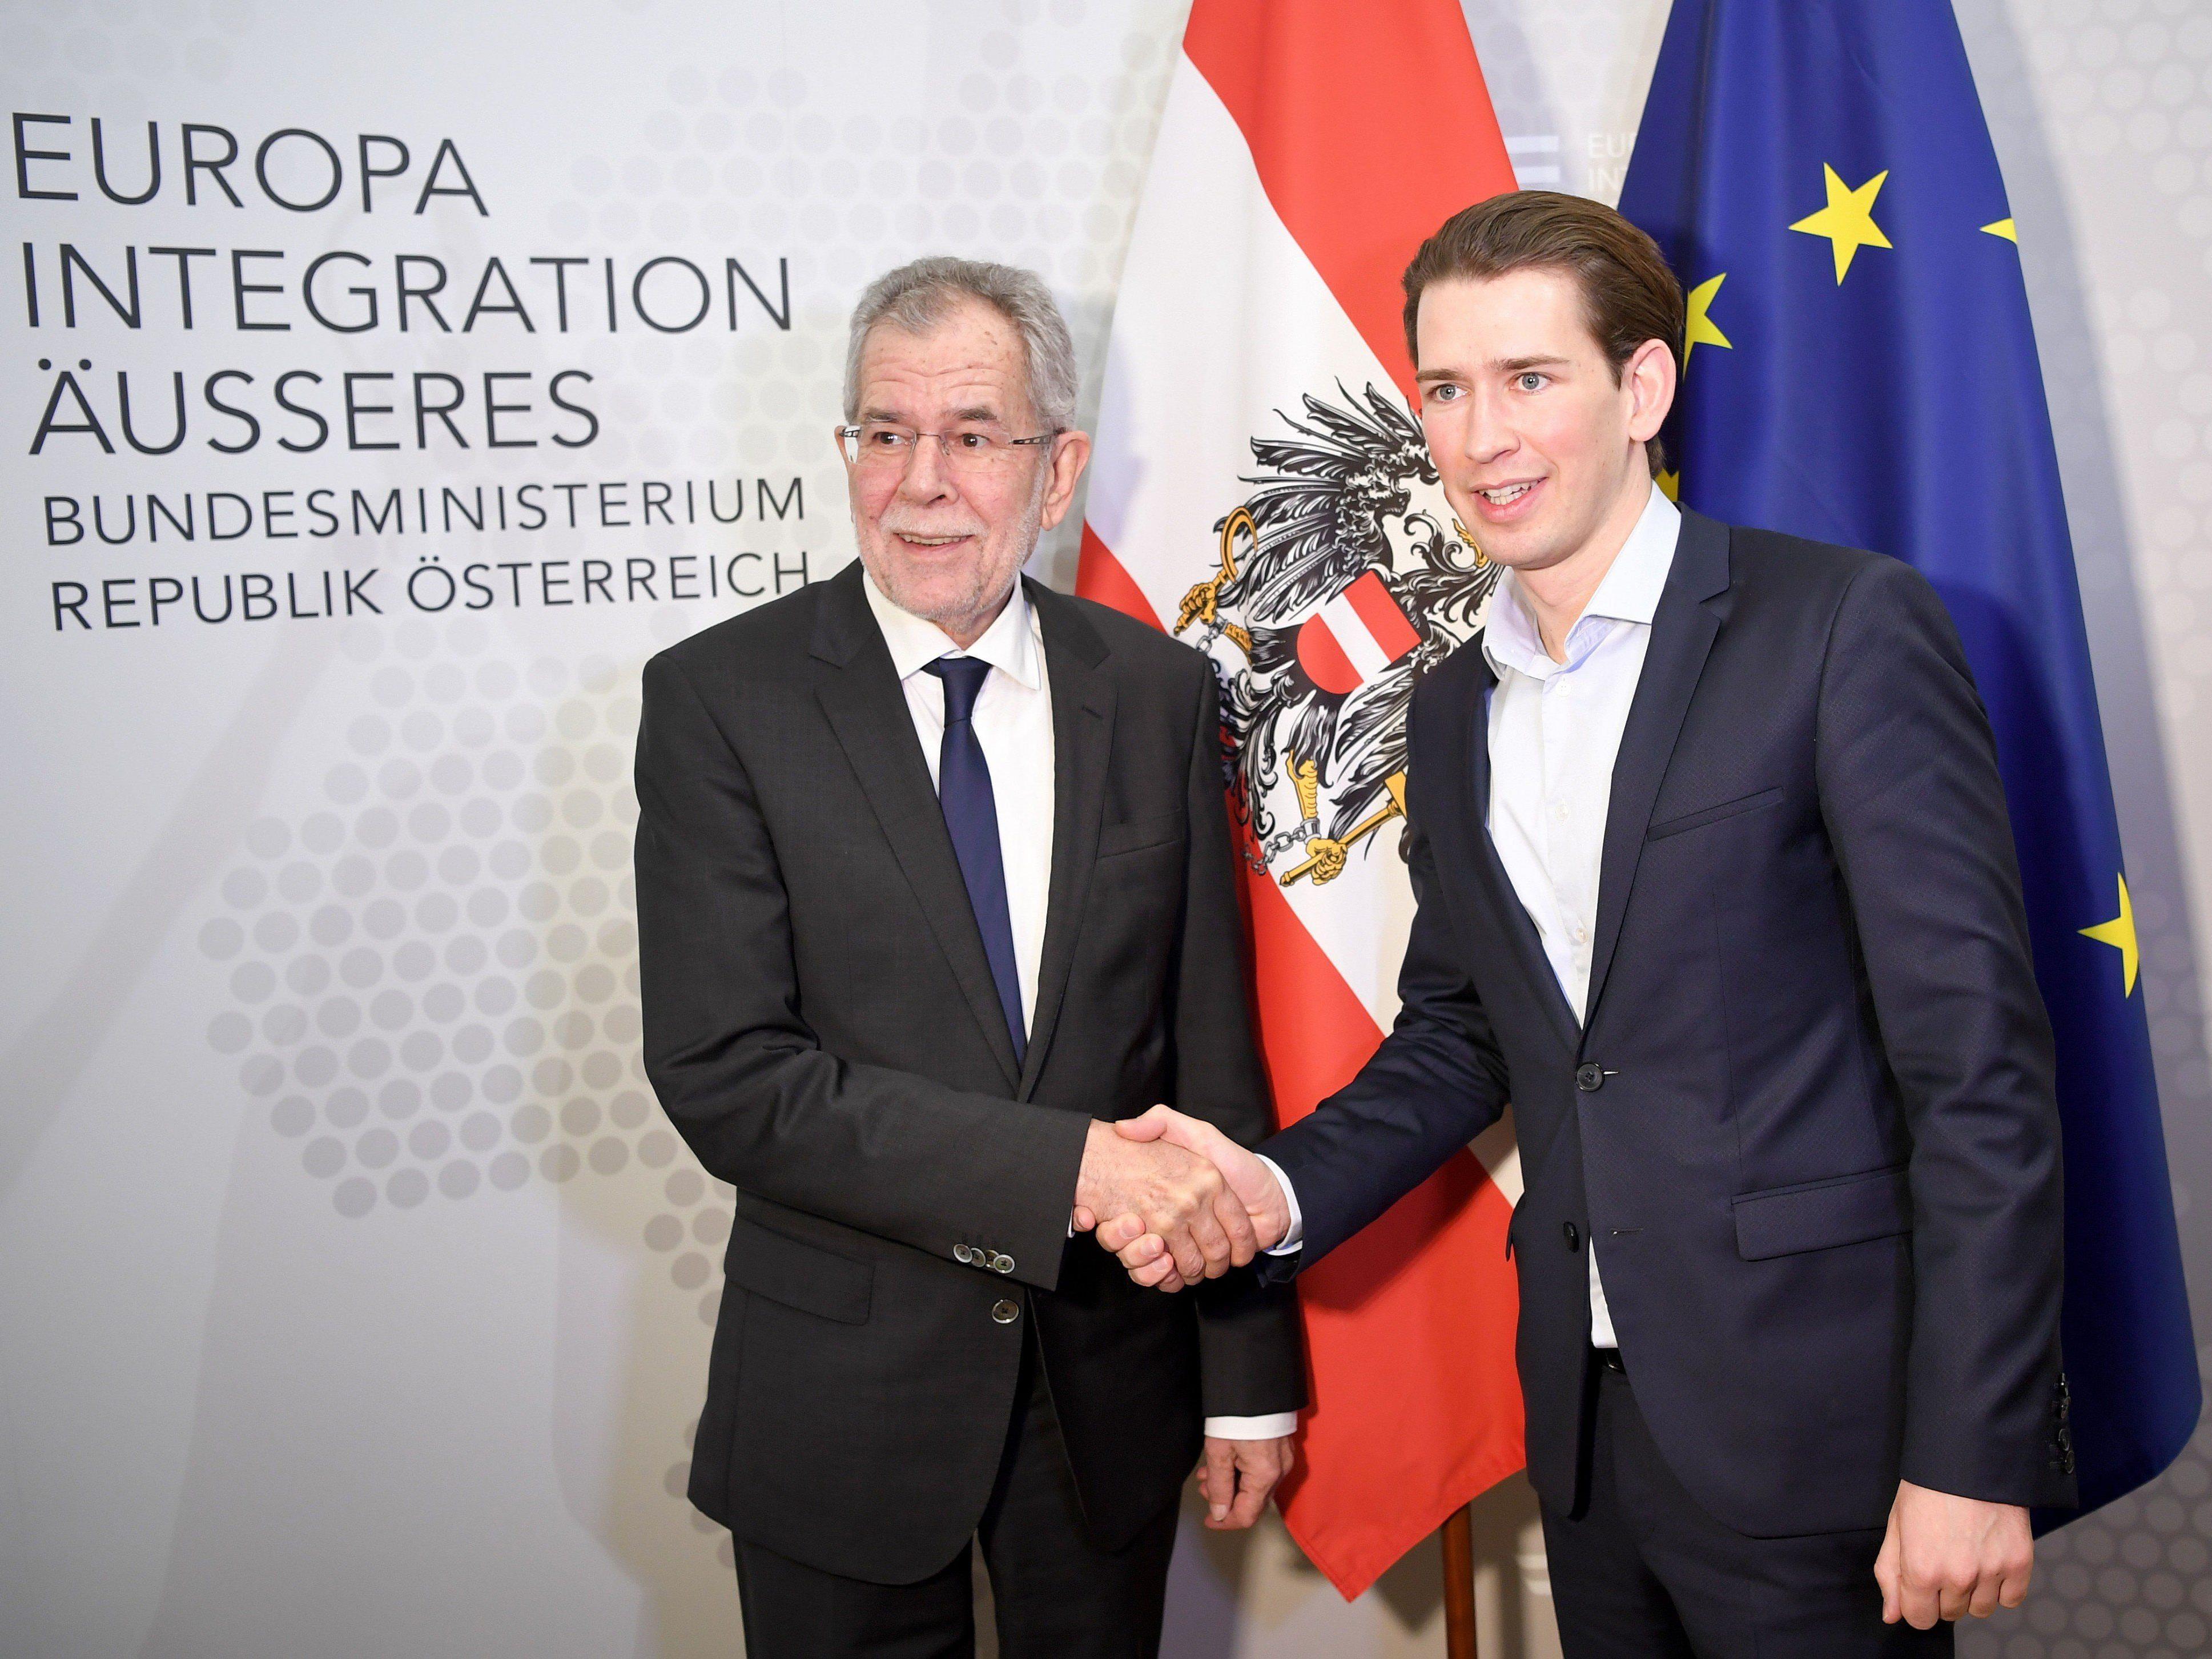 Der designierte Bundespräsident Alexander Van der Bellen (l.) und AM Sebastian Kurz im Rahmen eines Arbeitsgespräches am Freitag